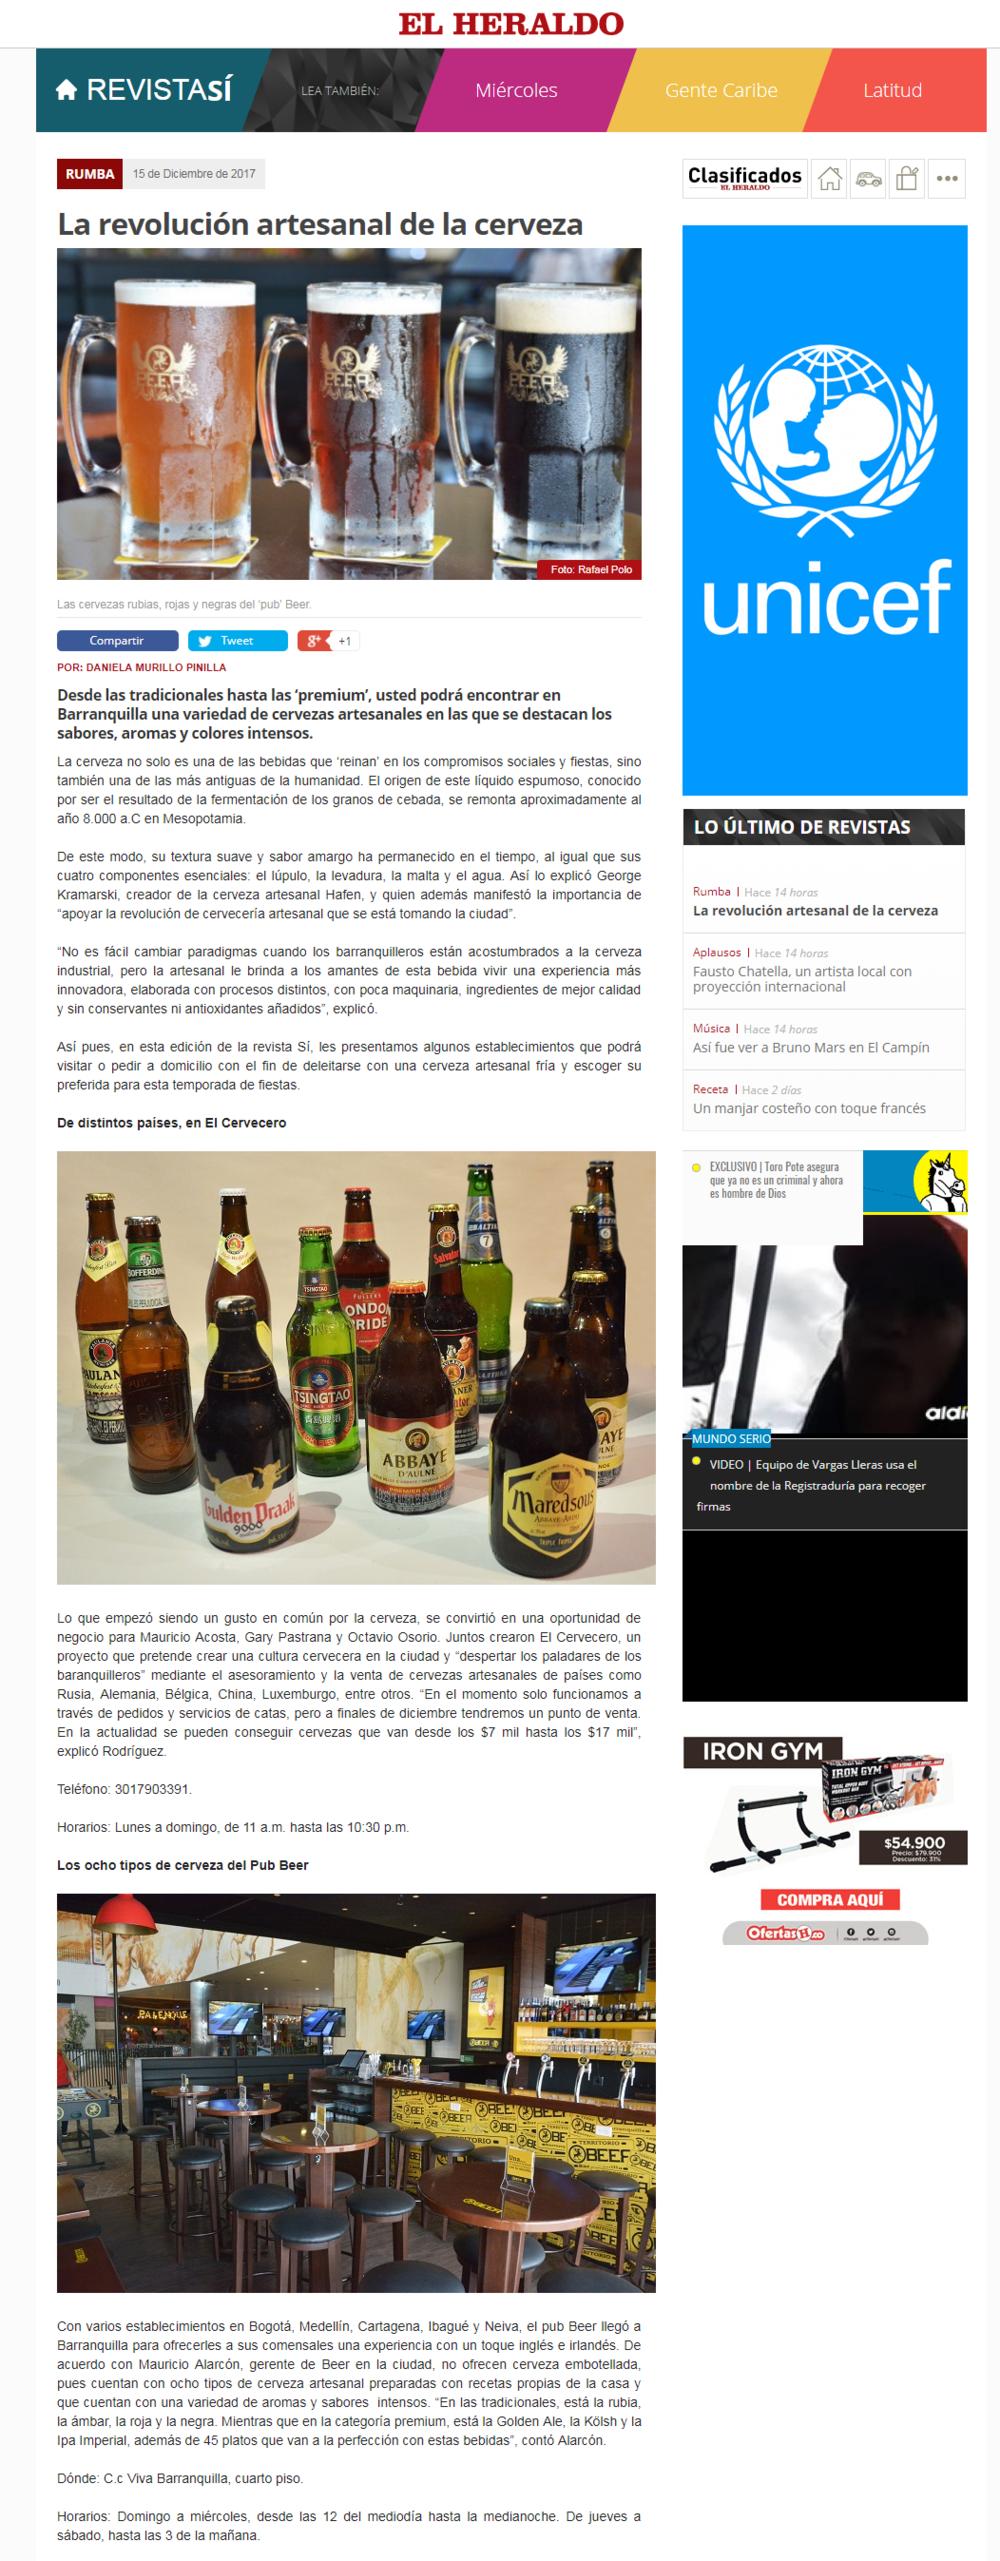 La revolución artesanal de la cerveza